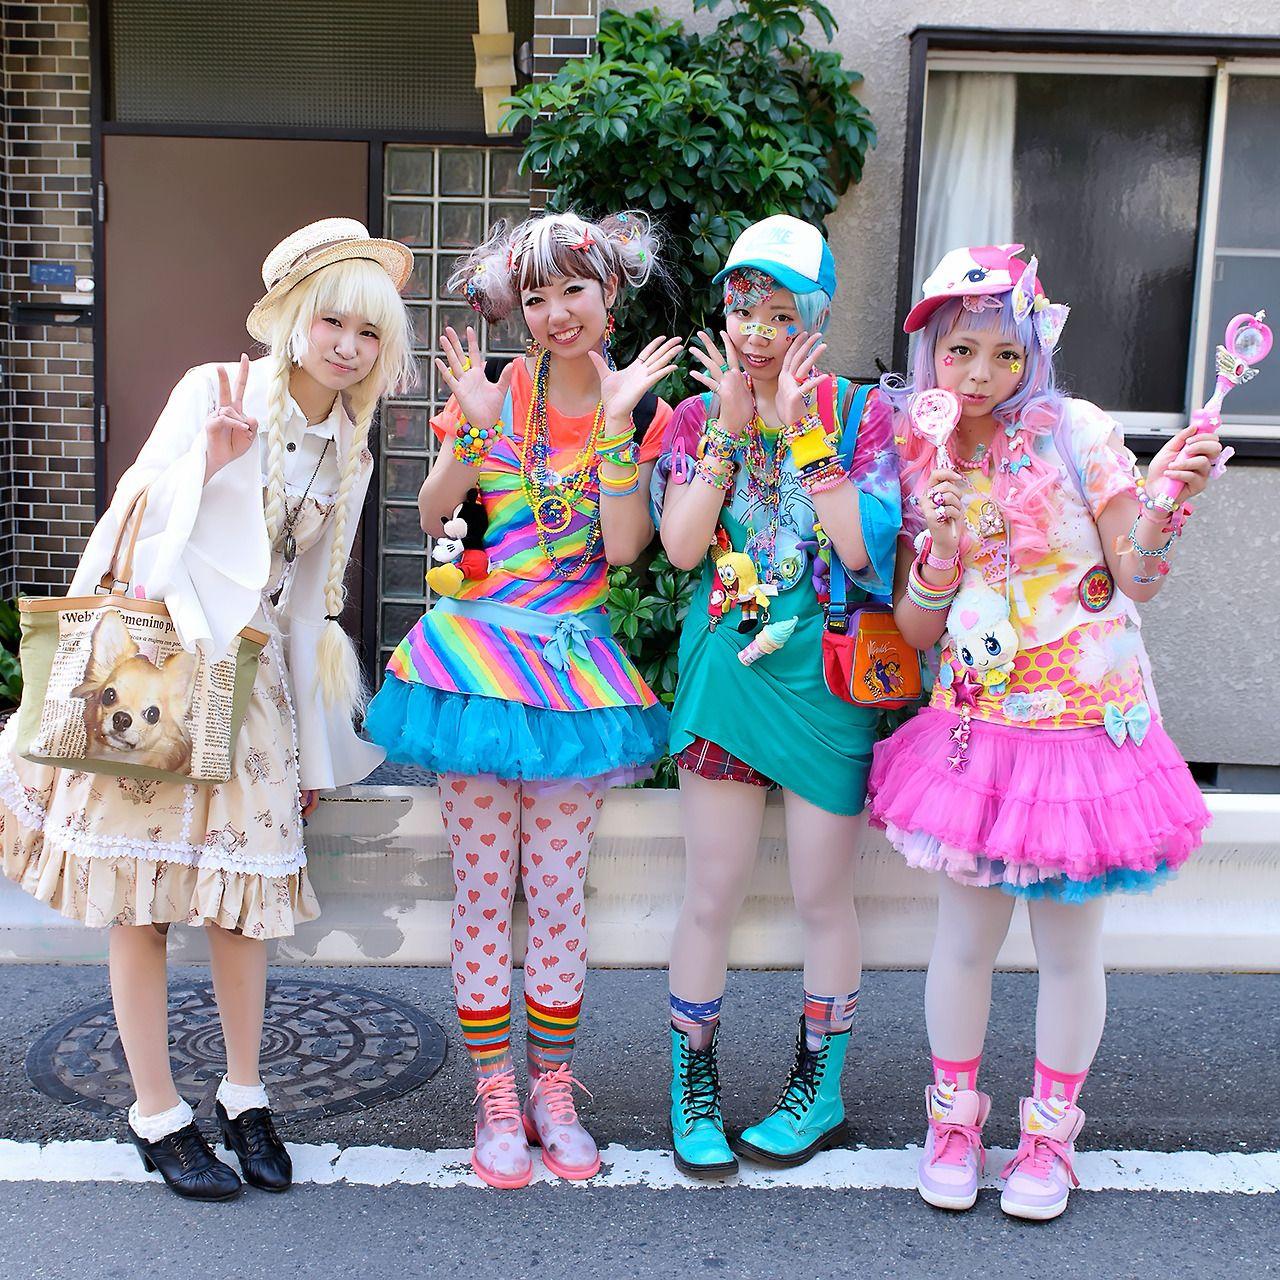 top kei kawaii fashion - photo #16